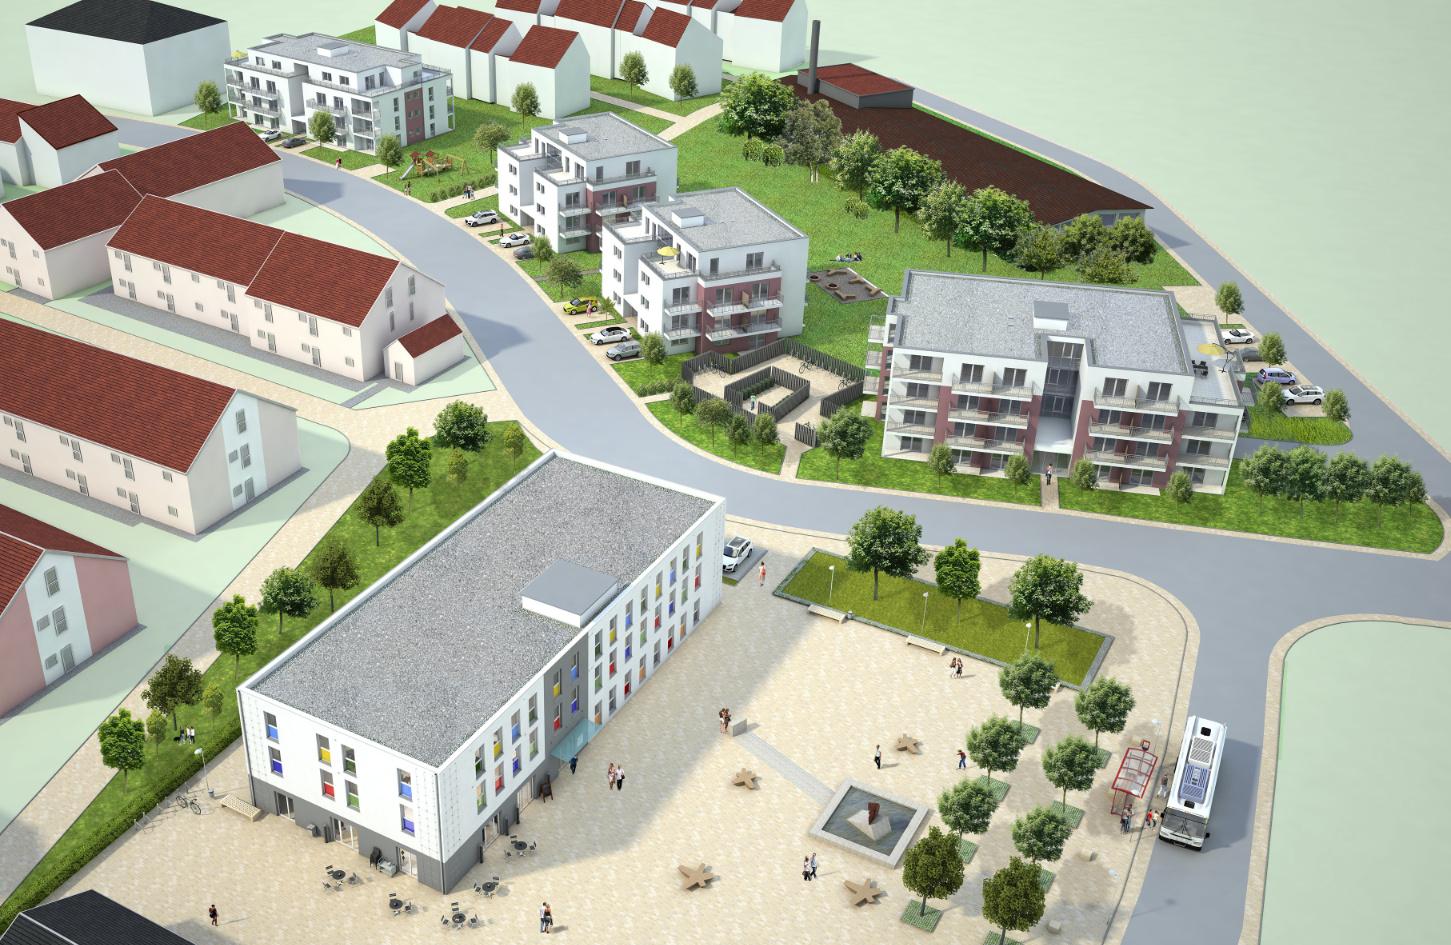 Studentisches Wohnen Jakob-Kaiser-Straße - Vogelperspektive